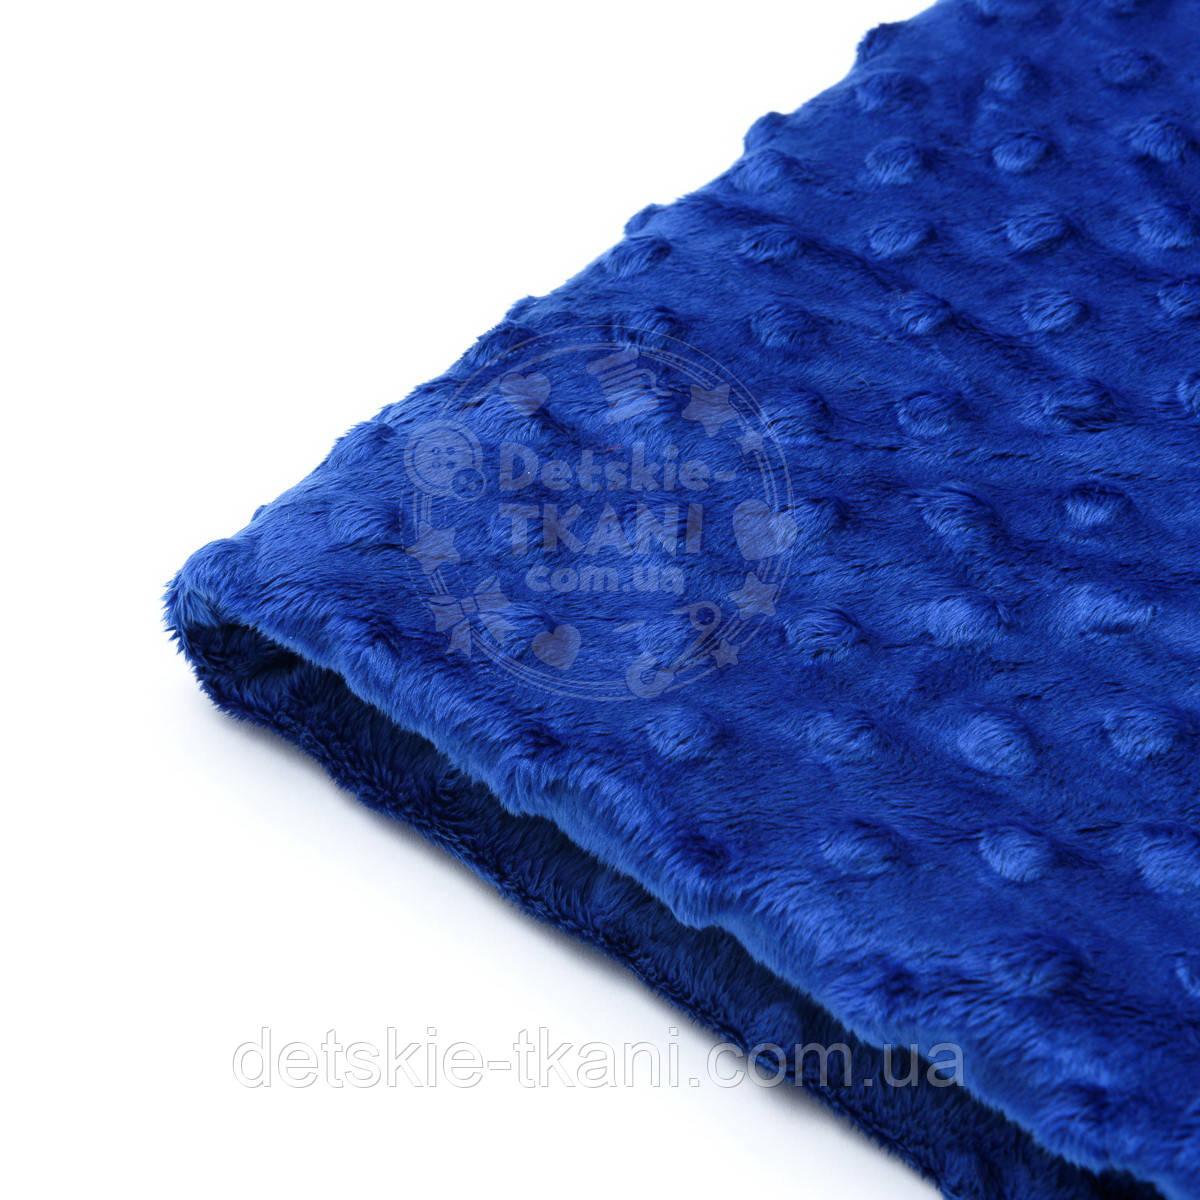 Отрез плюш minky М-69 для пледа, размер 100*80 см, синий цвет ультрамарин